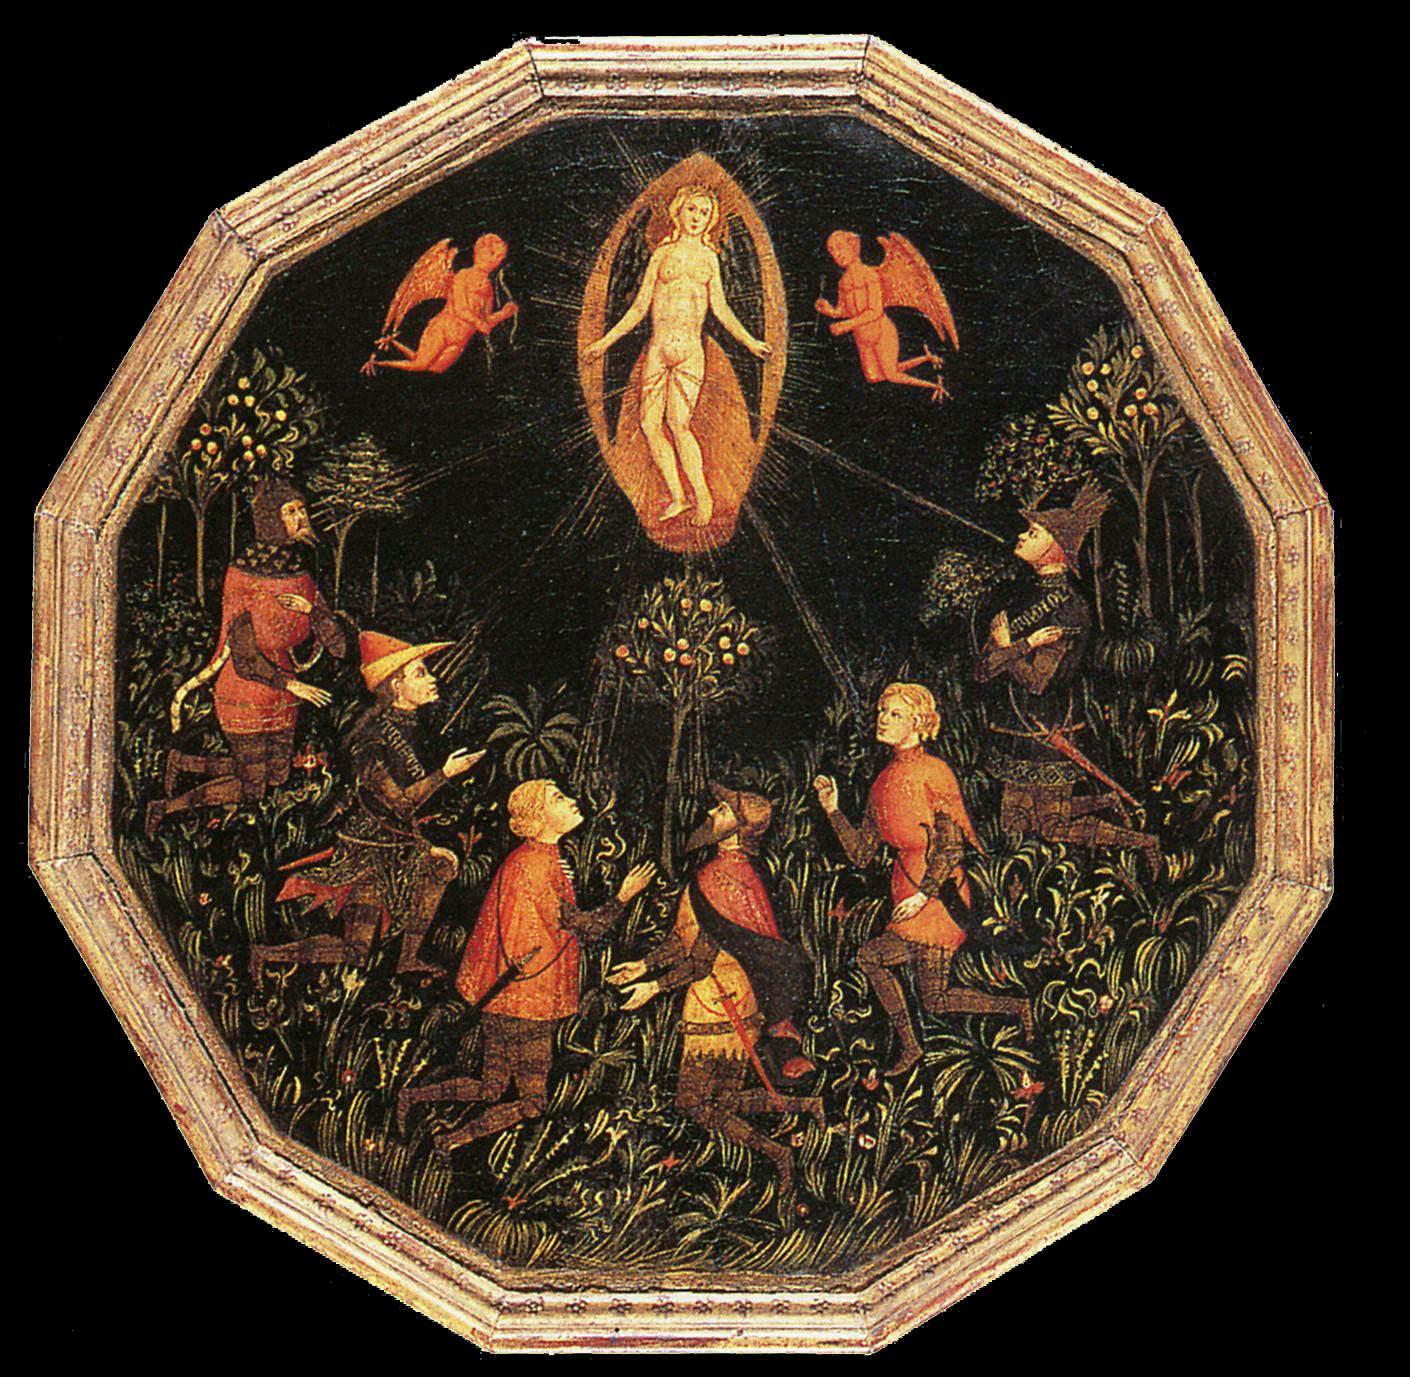 Anonyme Florentin, Vénus vénérée par six amoureux, v 1400, 51 diamètre, Louvre